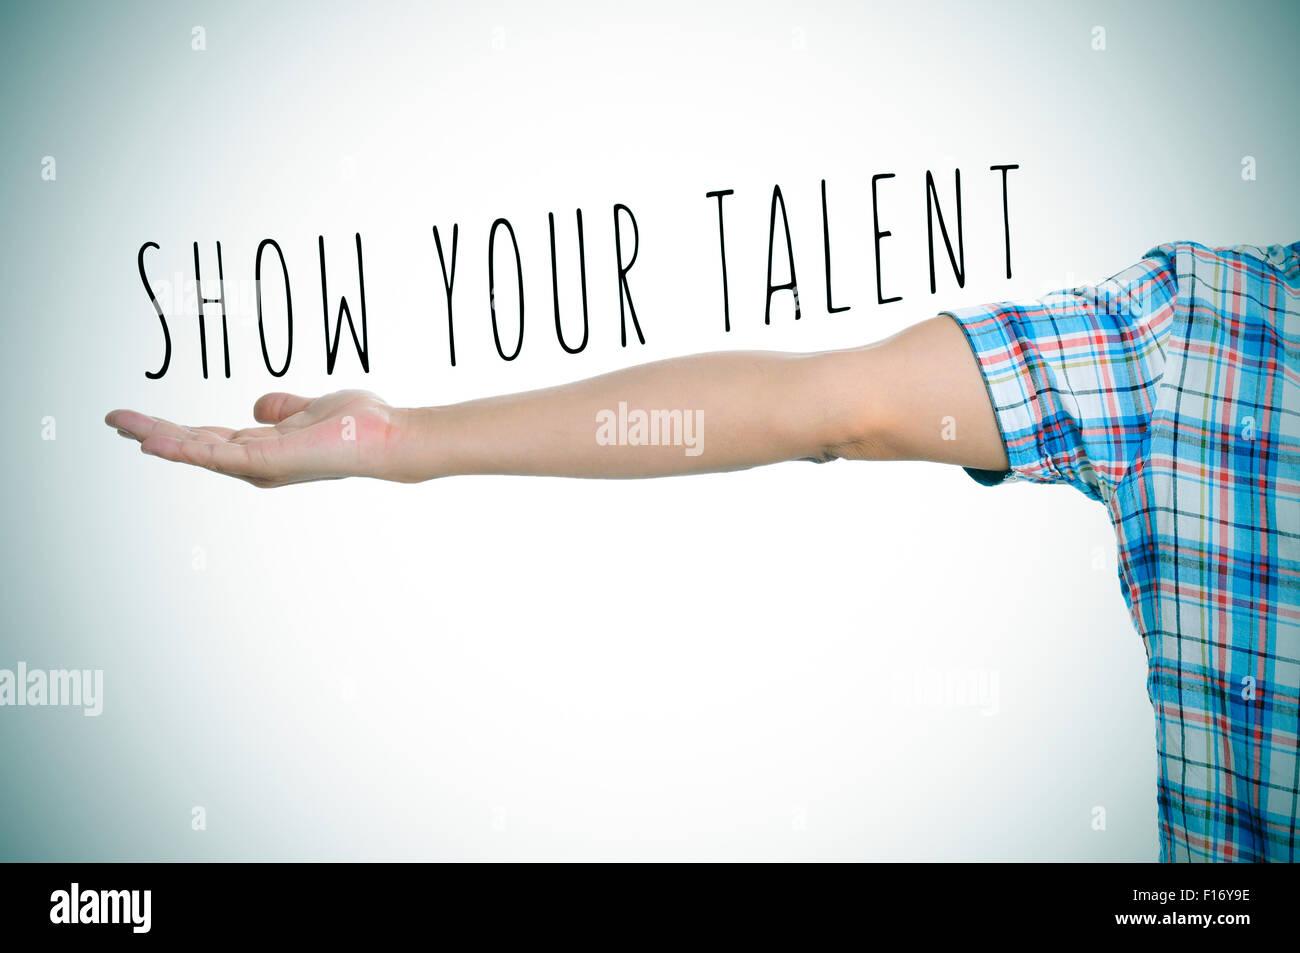 kaukasischen Jüngling und den Text zeigen Sie Ihr Talent in seinem ausgestreckten Arm leichte Vignette hinzugefügt Stockbild